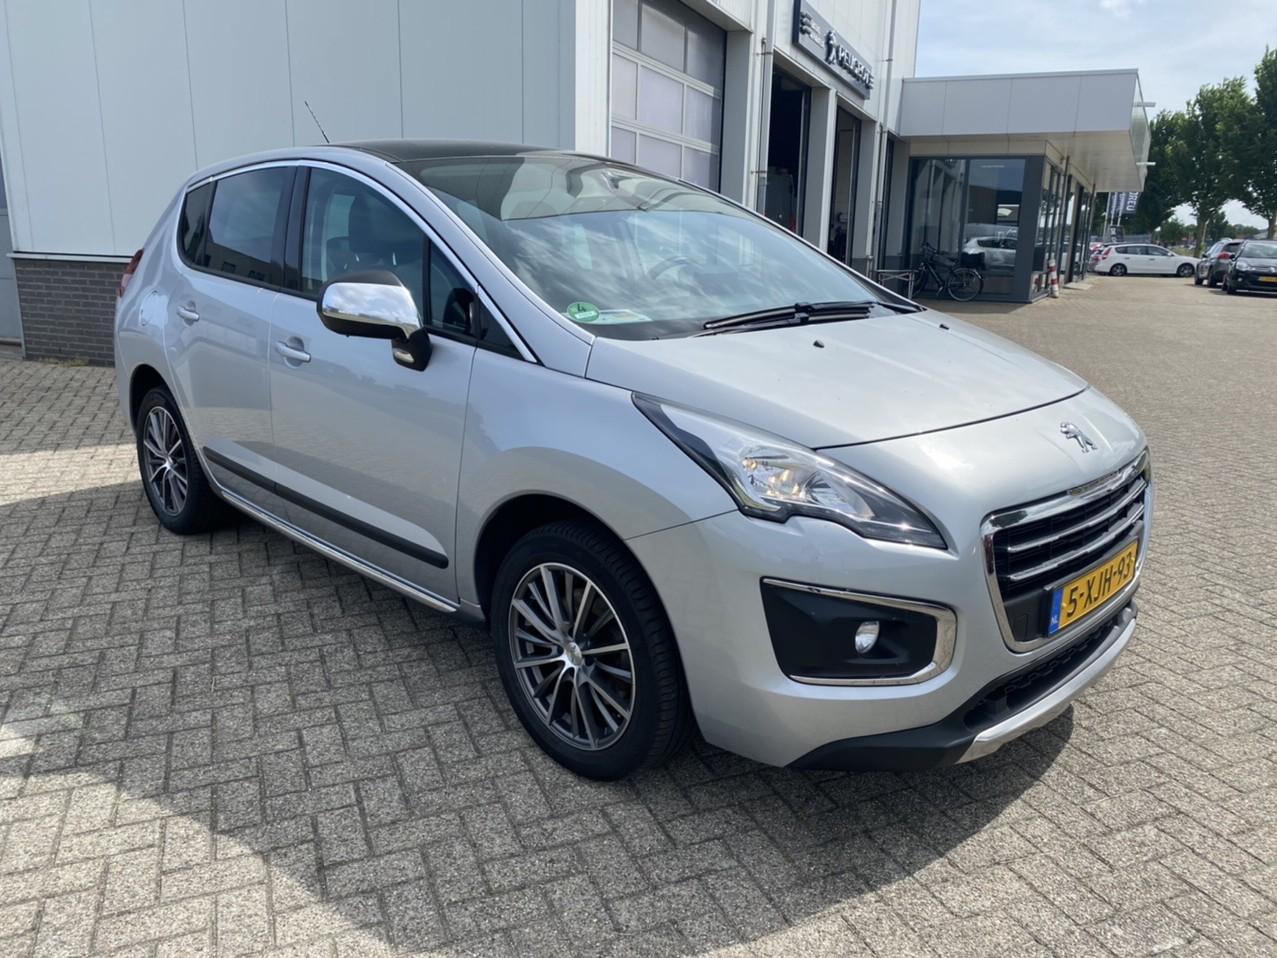 Peugeot 3008 156 pk allure rijklaar prijs